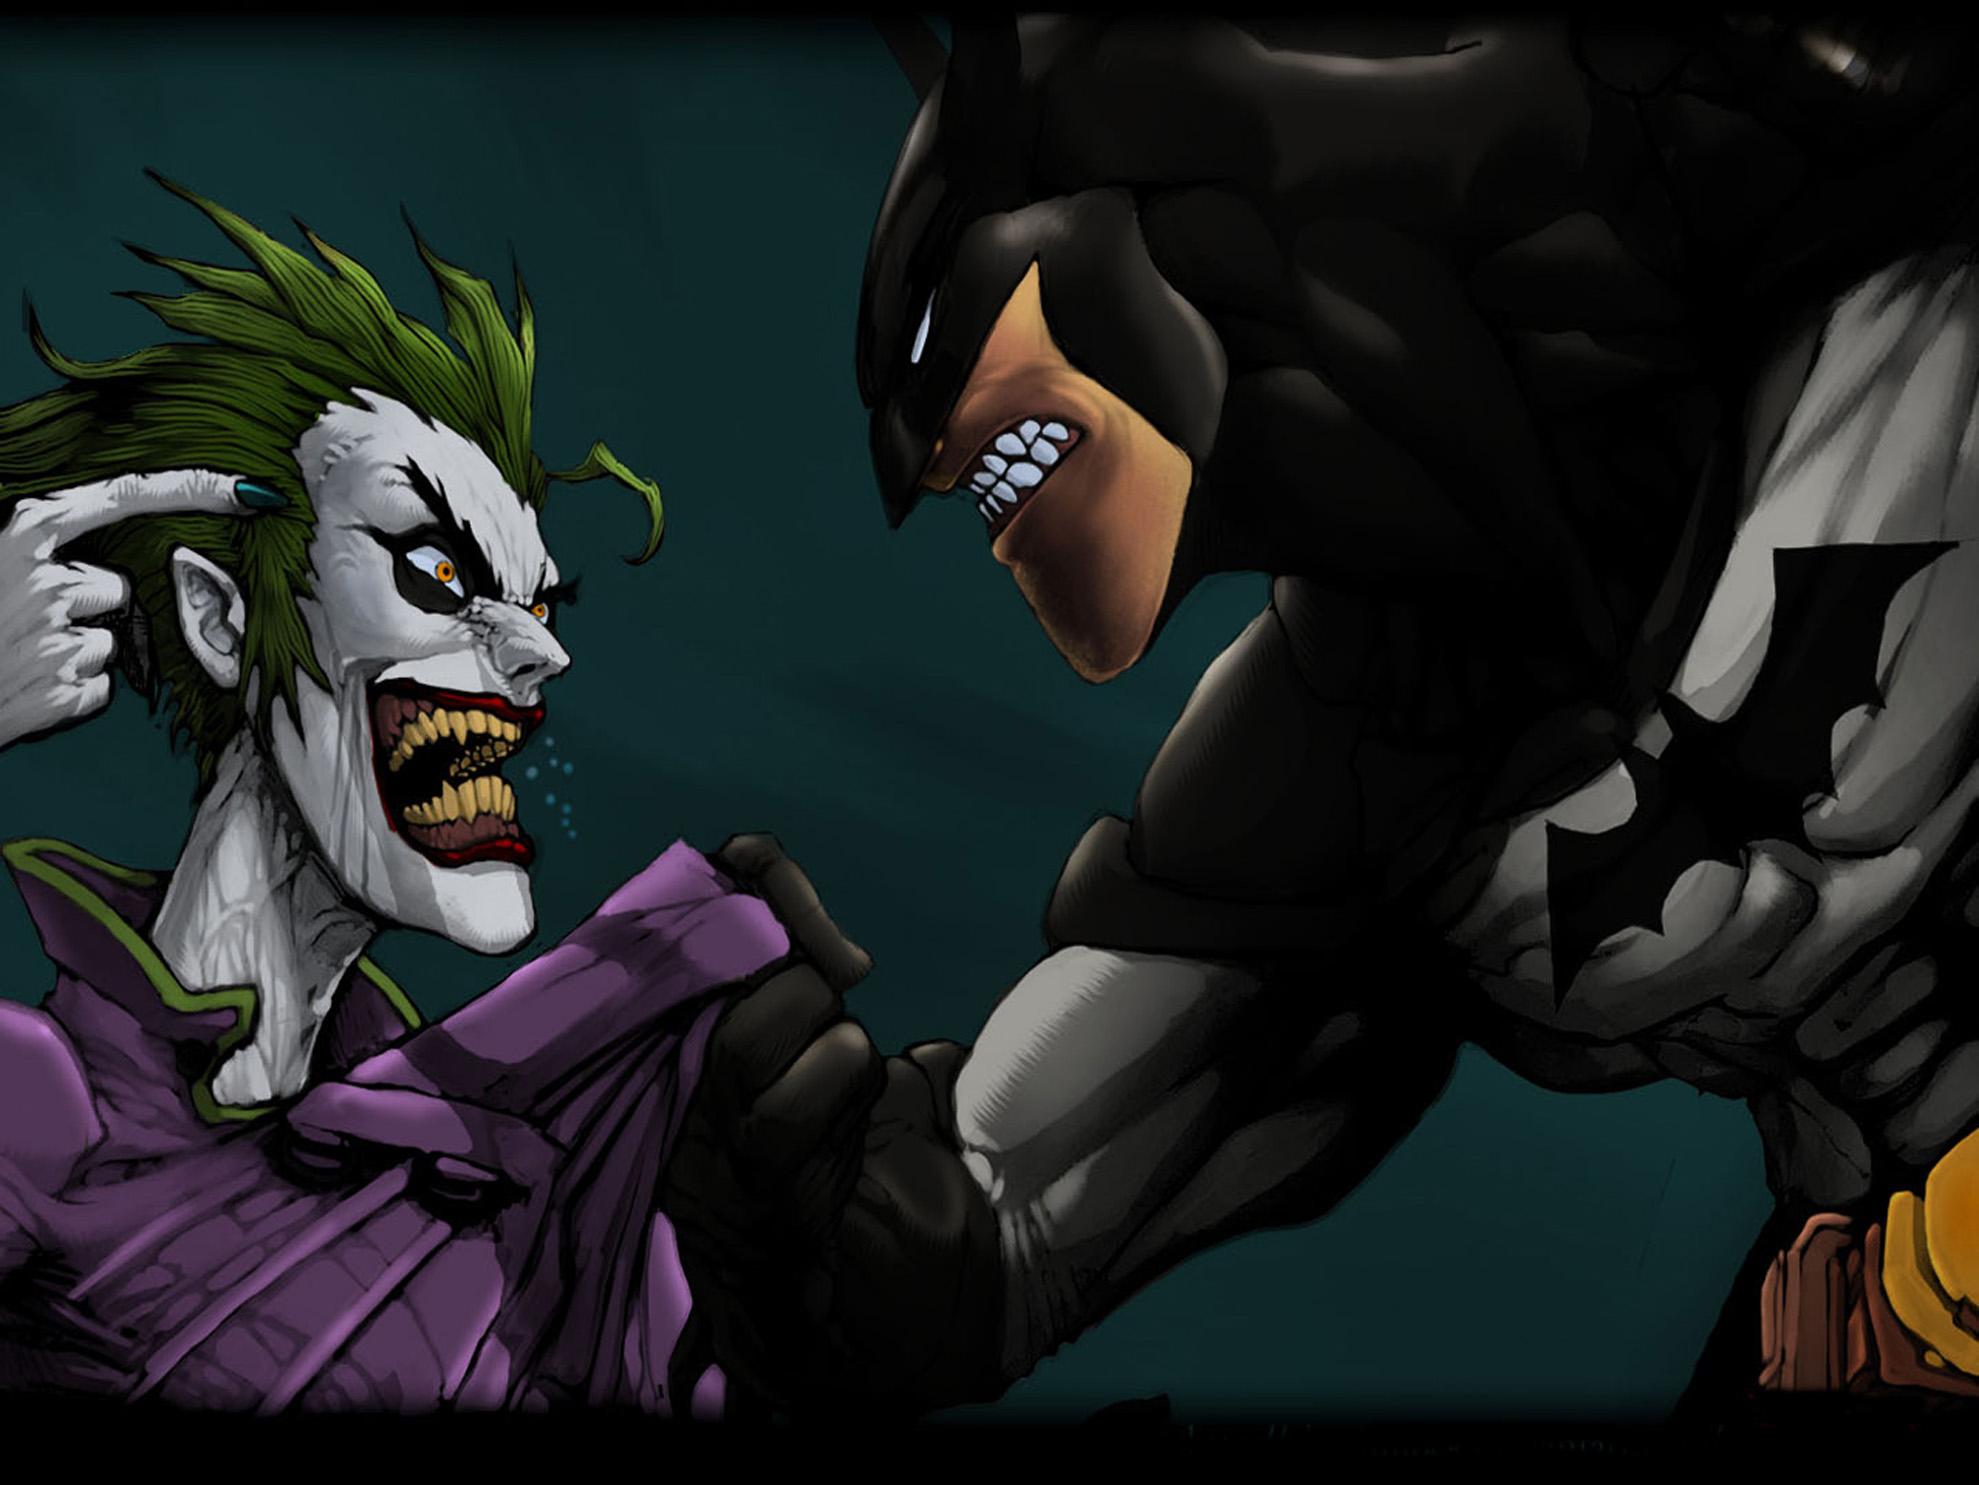 Just rhys wakefield joker sorry